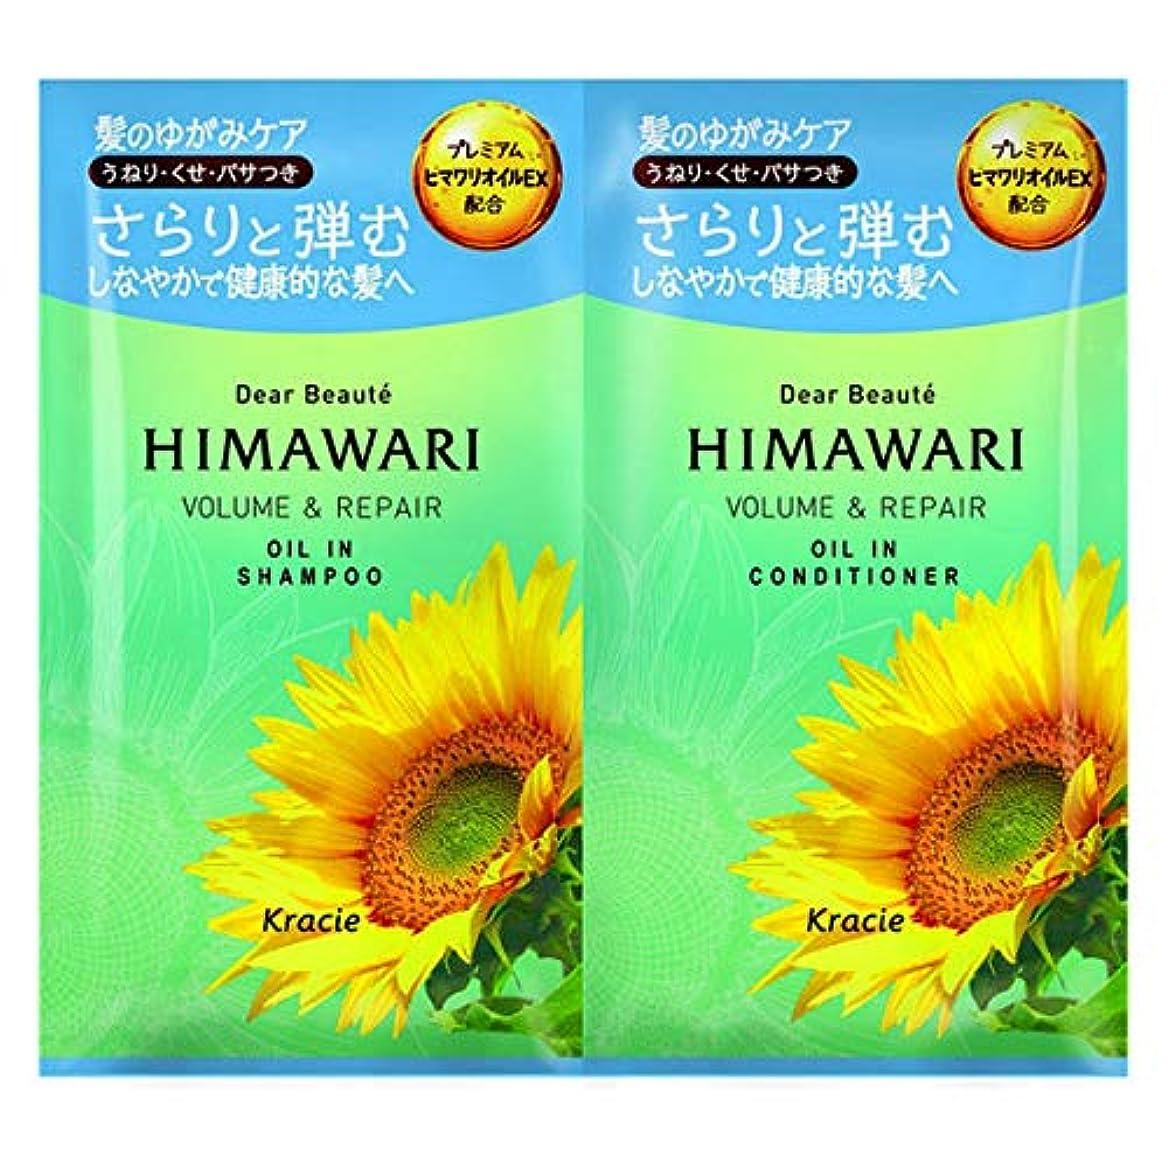 熟考する大陸一般的なクラシエ ディアボーテ トライアルセット ボリューム&リペア (1セット) シャンプー&コンディショナー ヒマワリ HIMAWARI